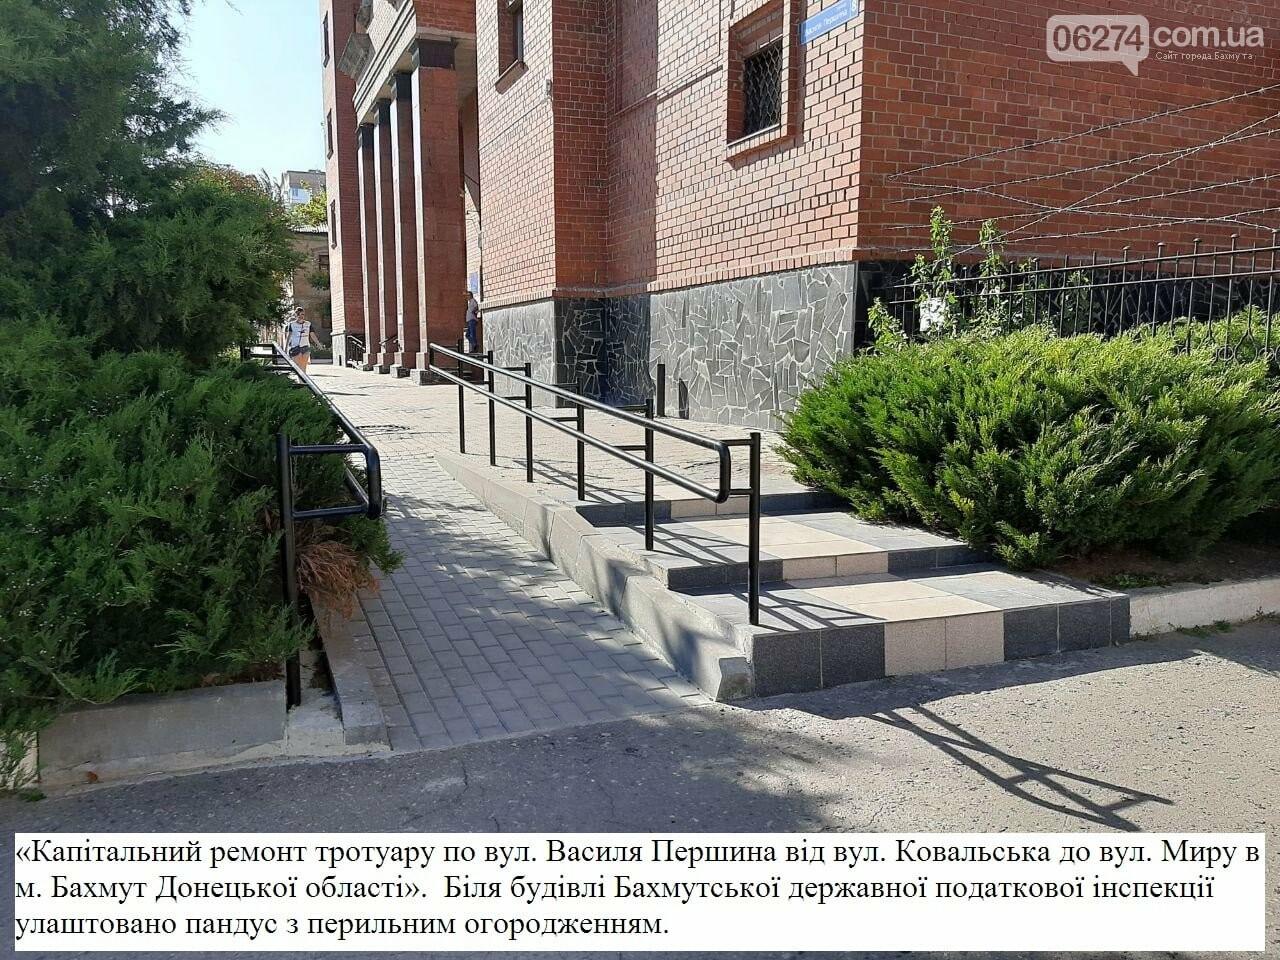 В городе реализованы проекты капитальных ремонтов тротуаров, фото-2